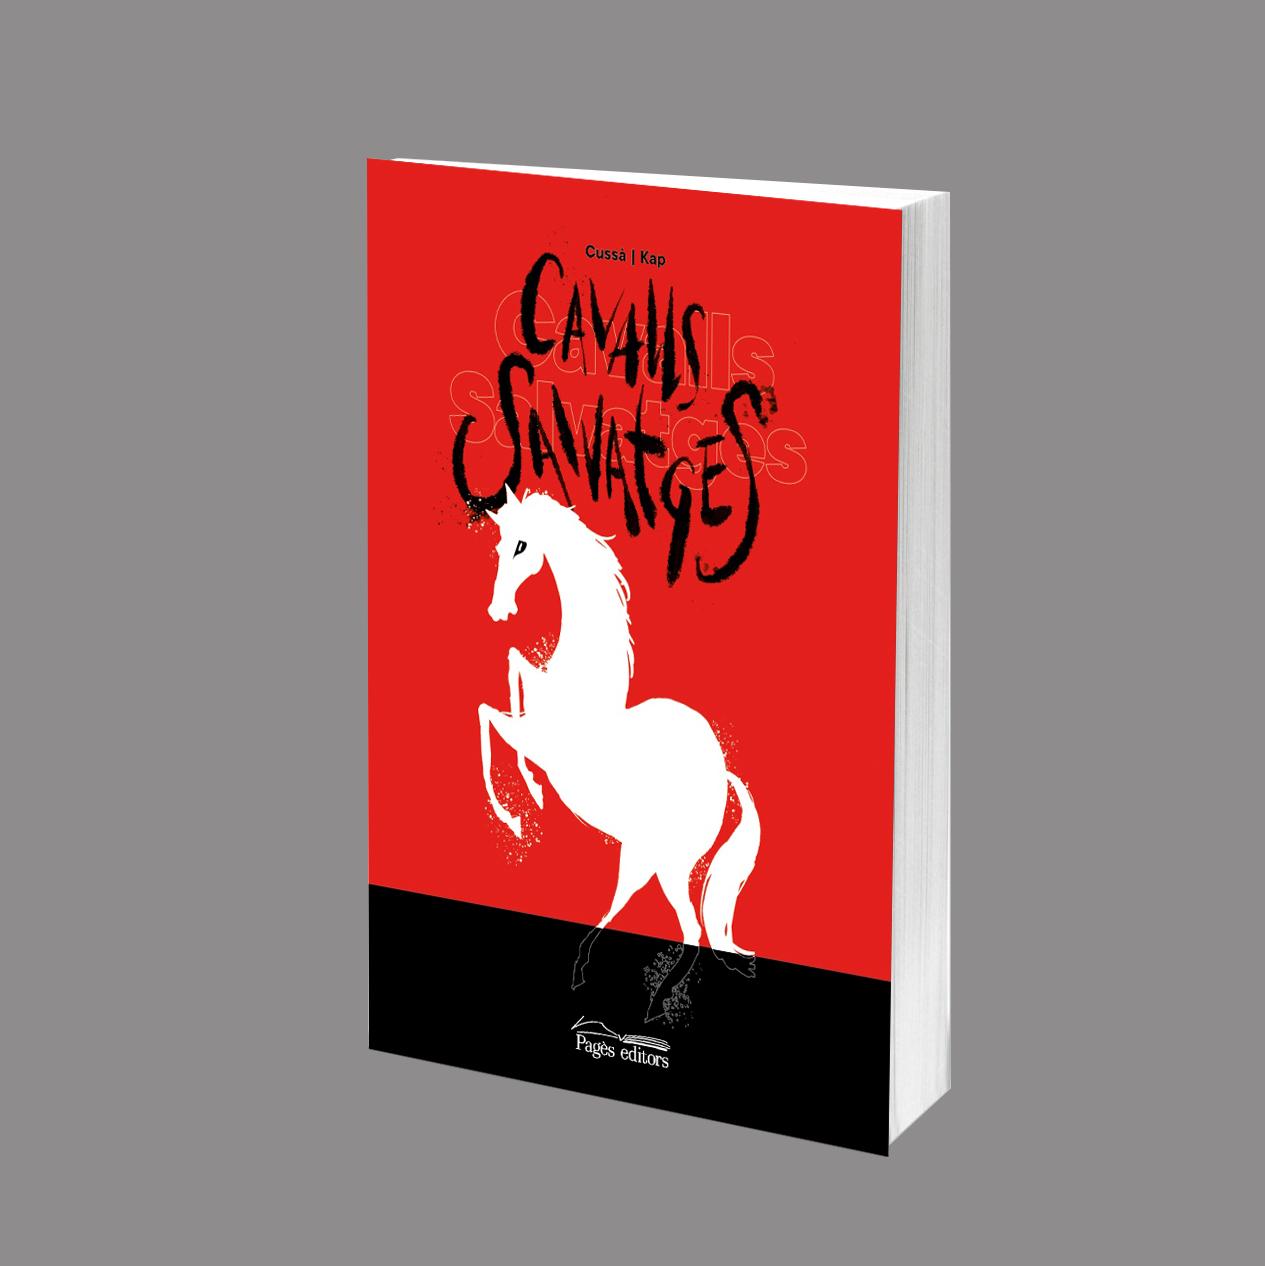 Pagès Editors publica Cavalls salvatges, de Jordi Cussà i Jaume Capdevila 'Kap'